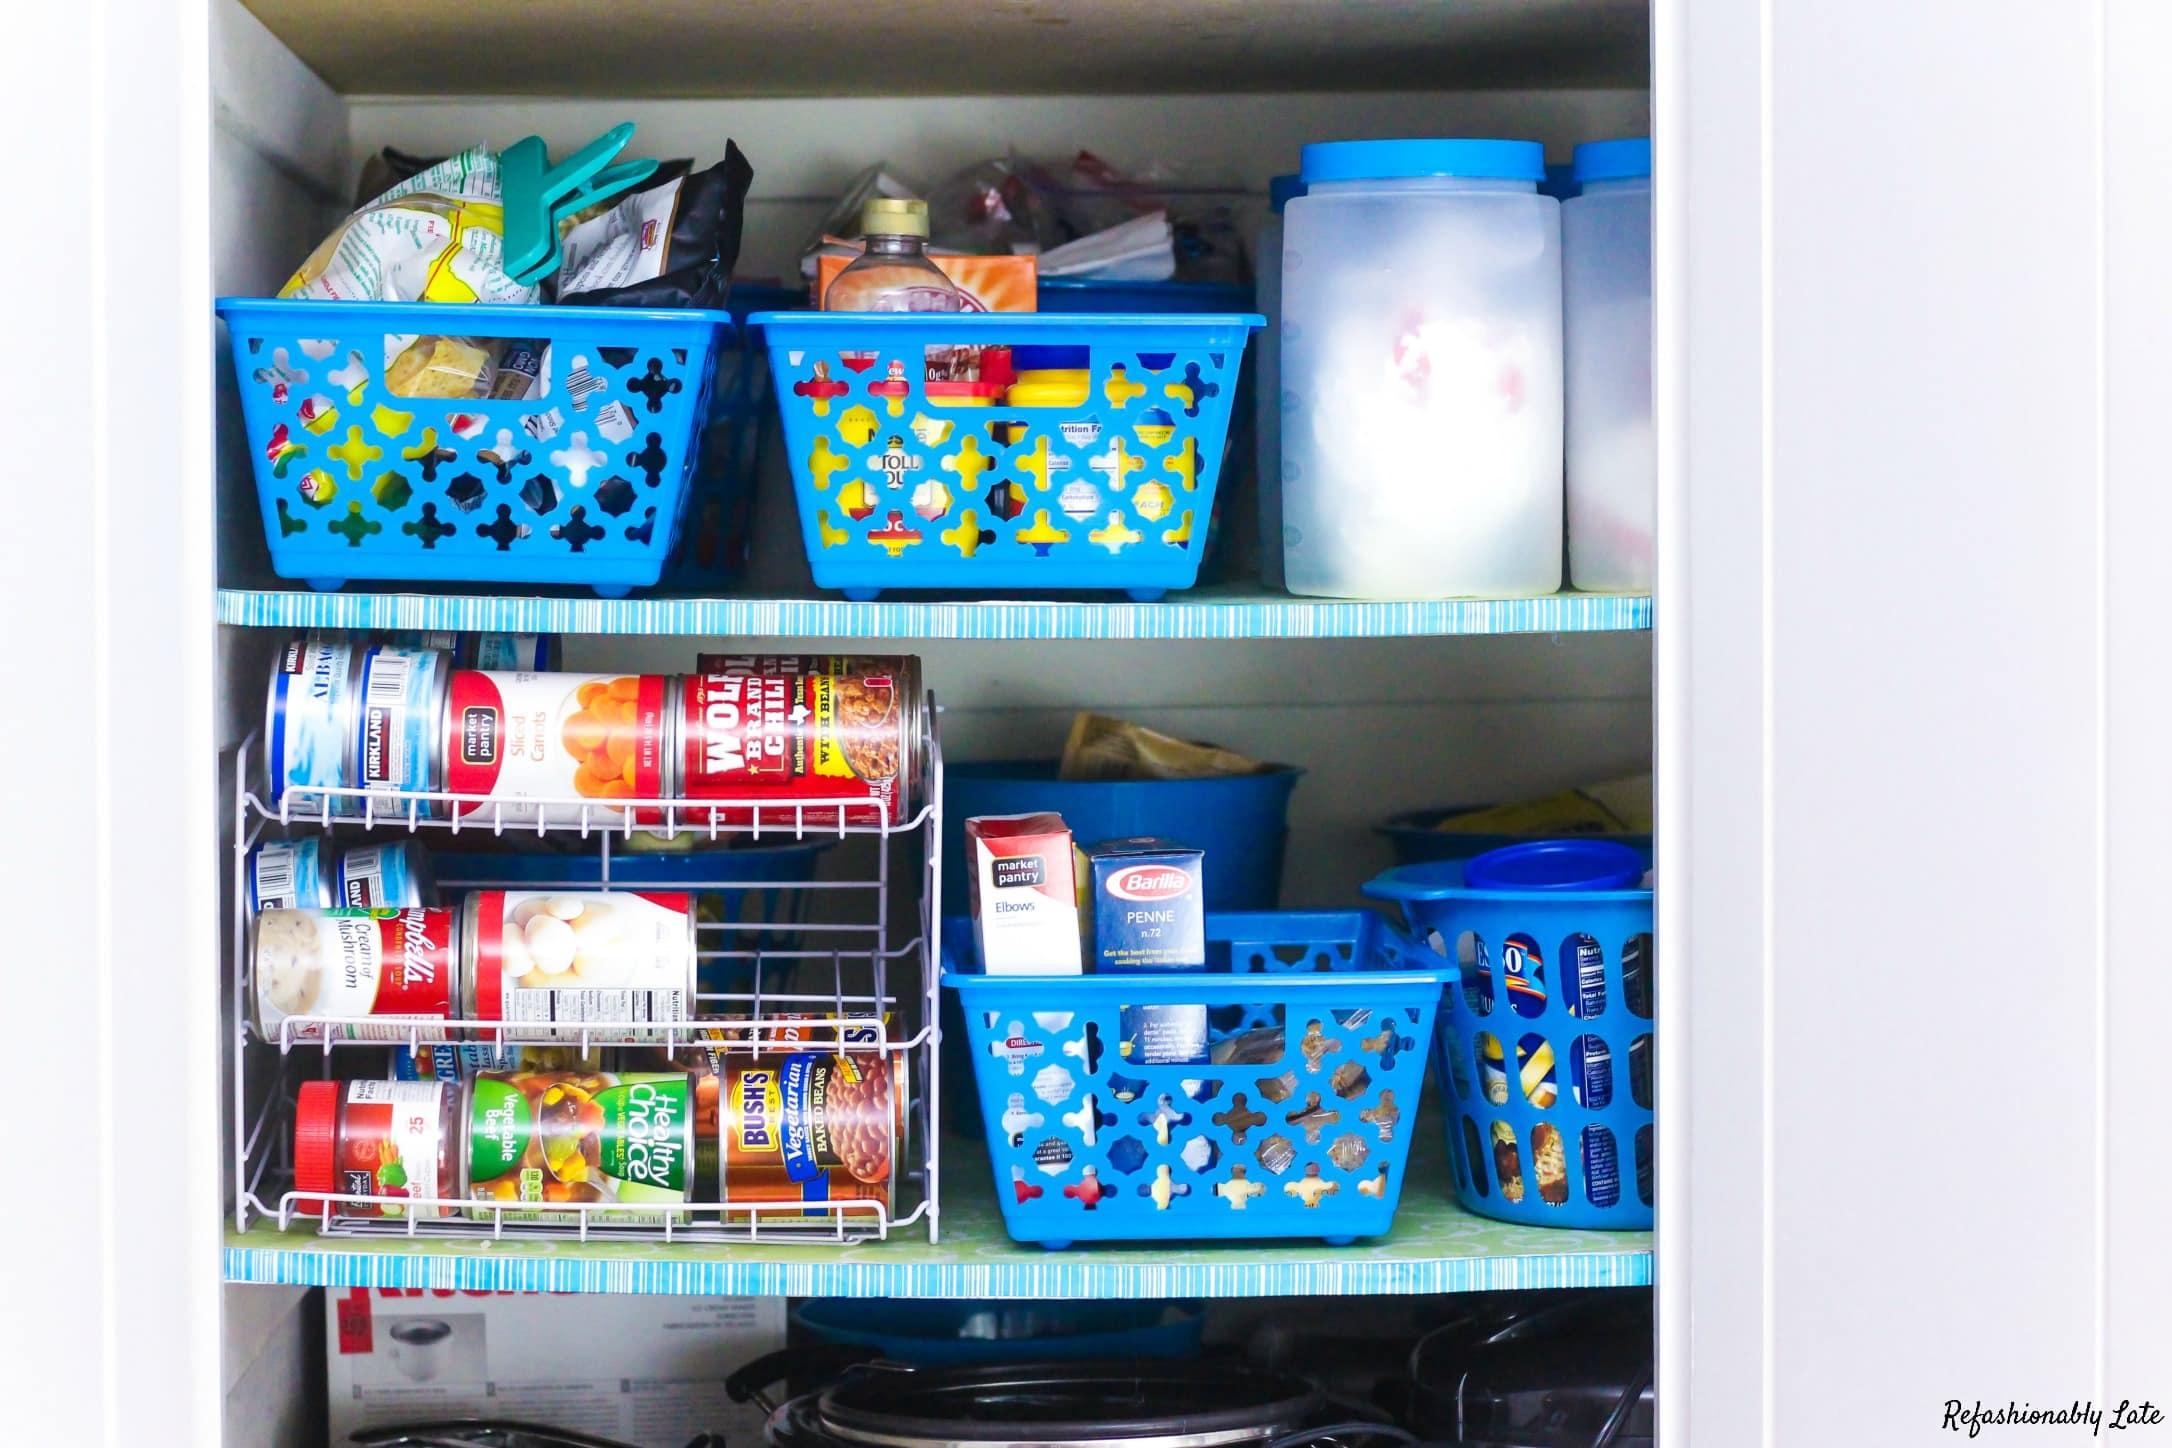 Pantry Organization - www.refashionablylate.com